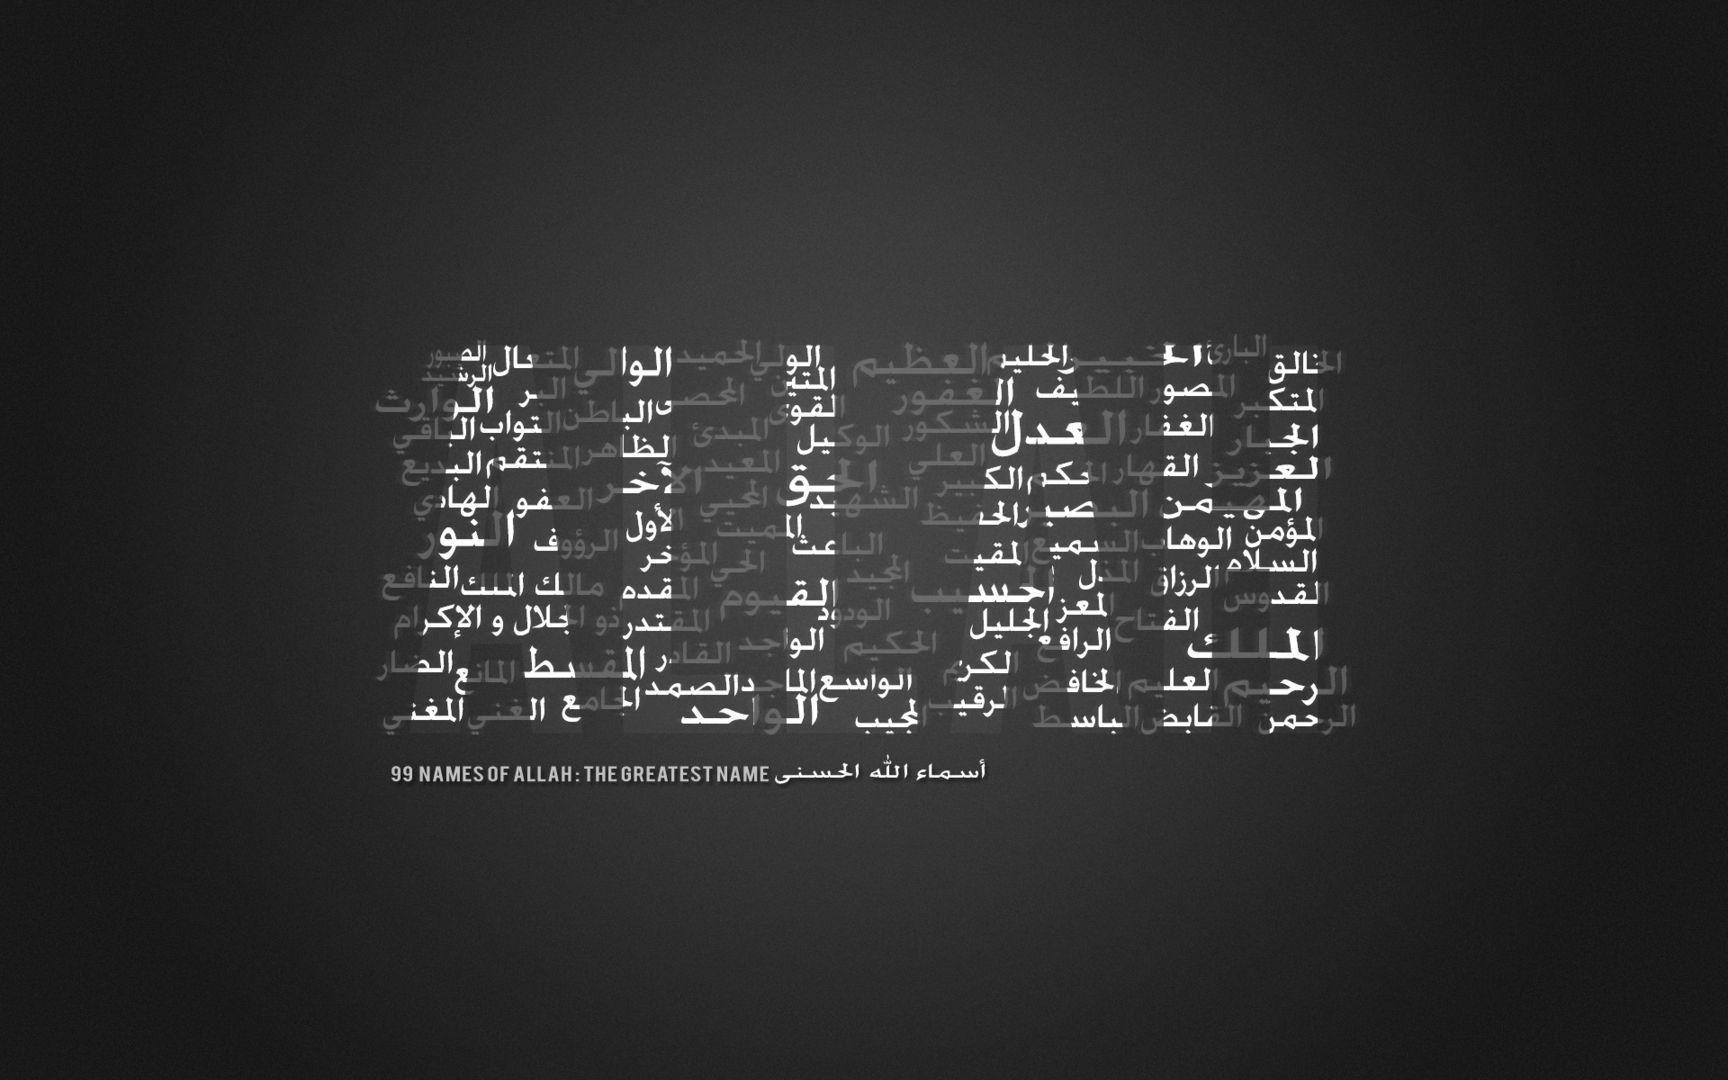 99 Names of Allah wallpaper #